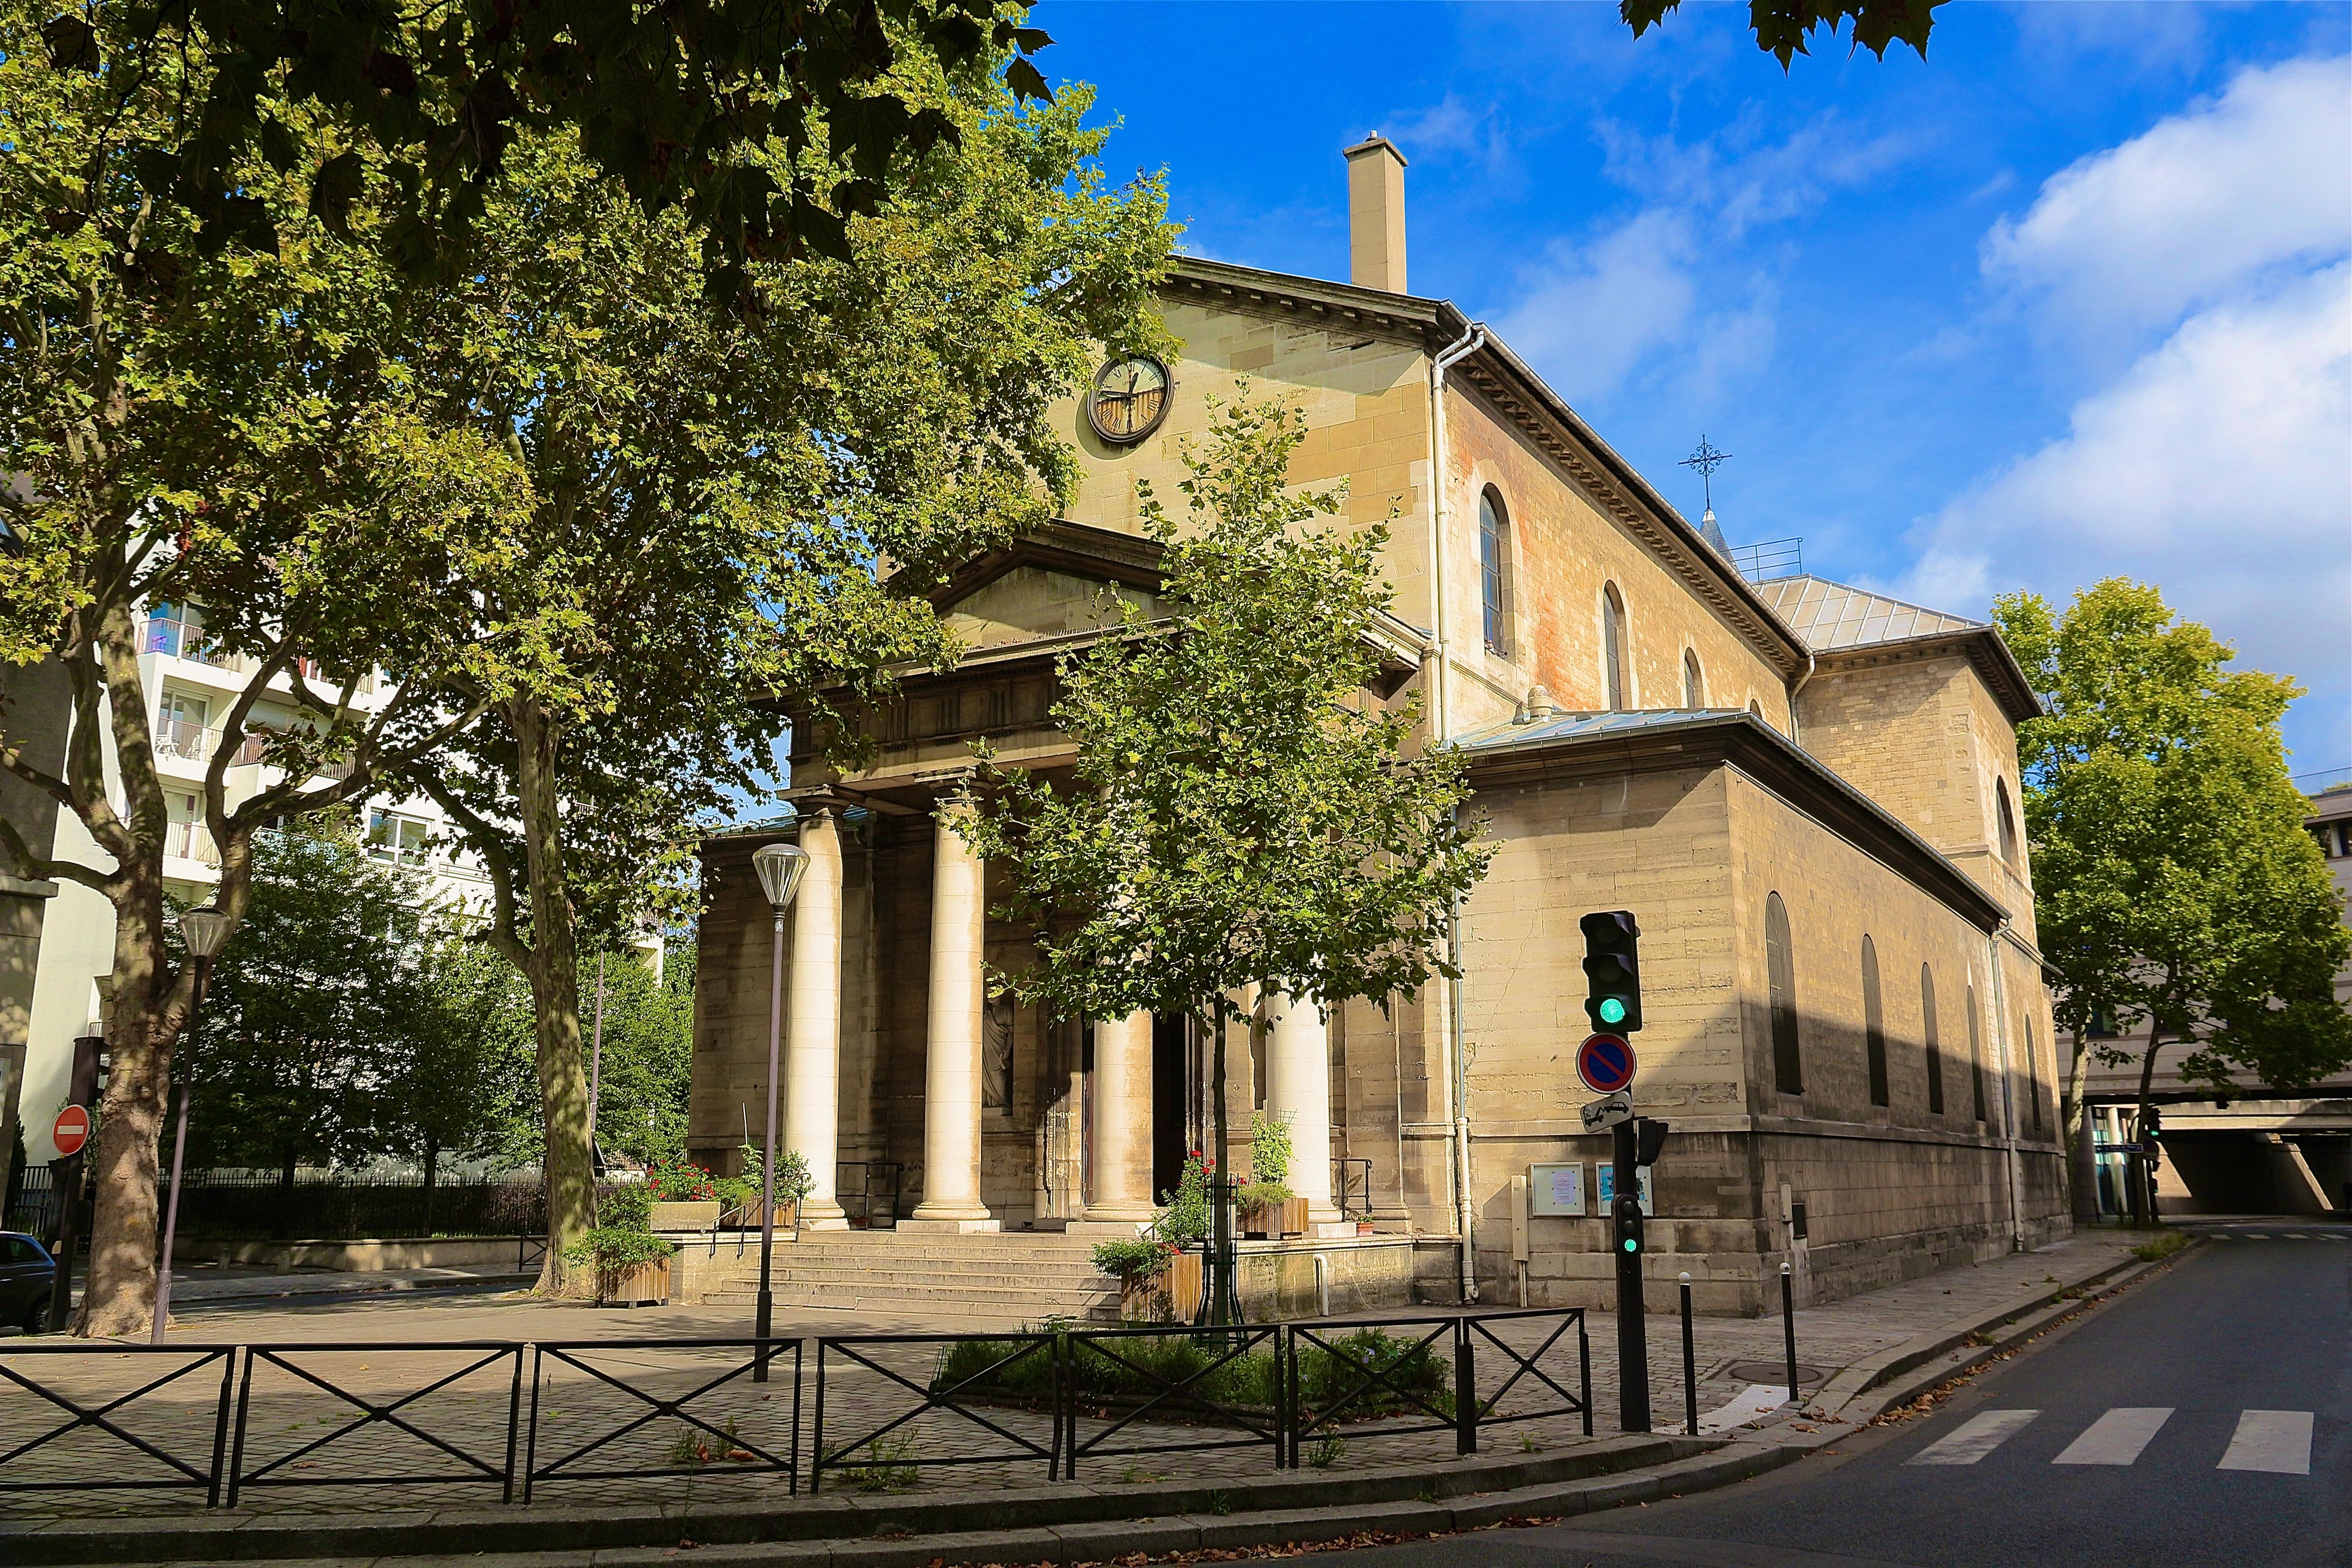 l'église Notre-Dame-de-Bercy